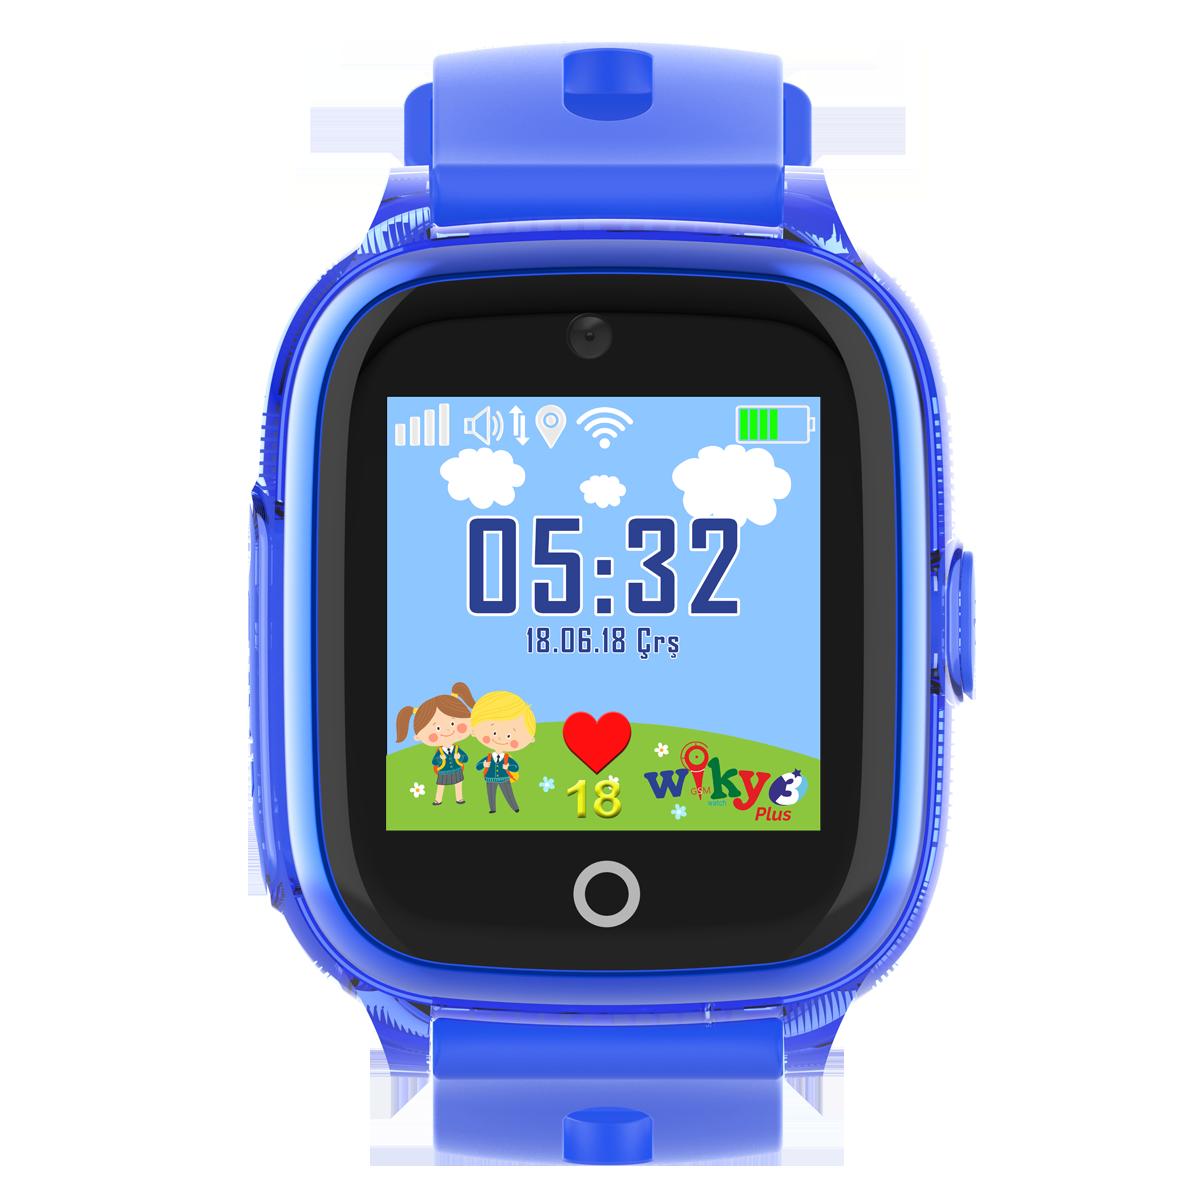 Wiky 3 Plus Akıllı Çocuk Saati 32 MB Mavi